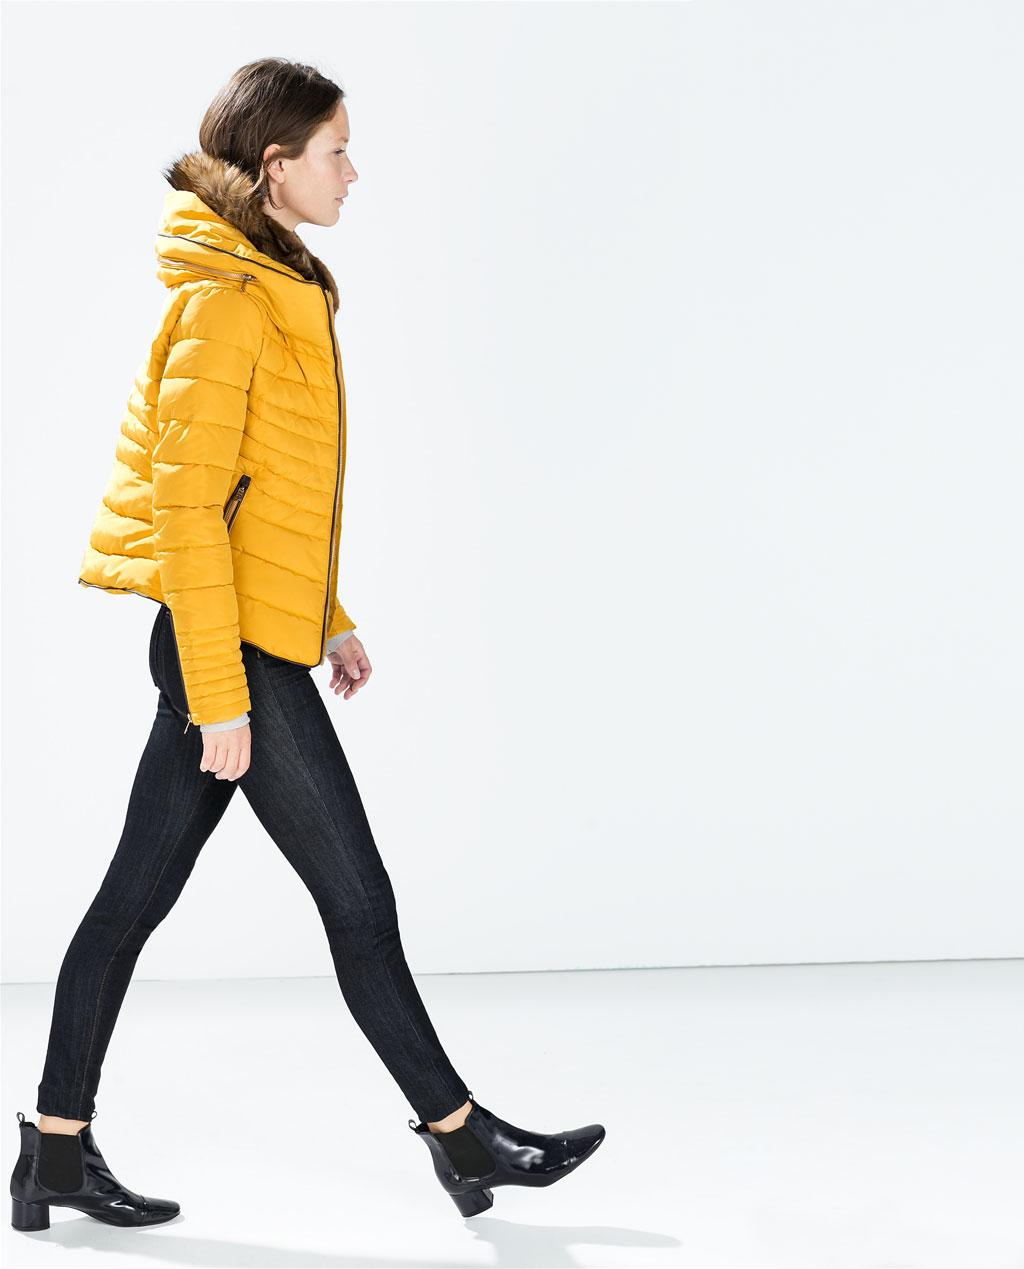 Piumini e Cappotti Zara inverno 2014 2015: Catalogo Prezzi